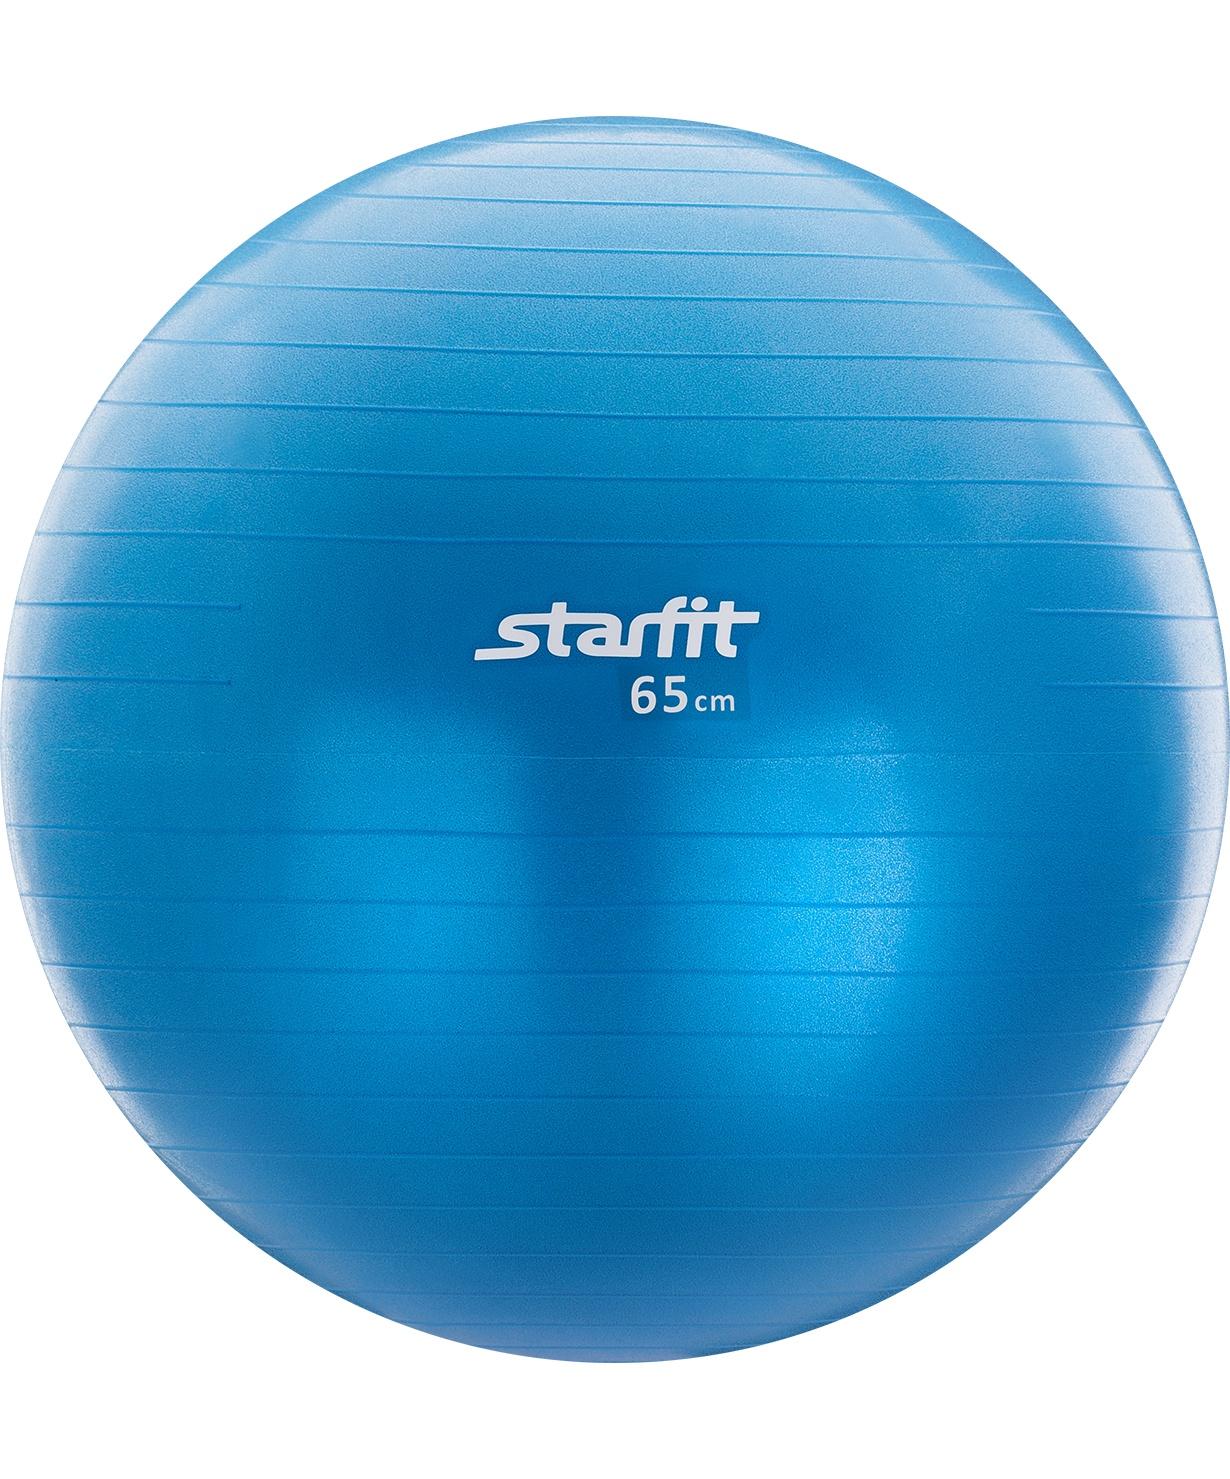 Мяч гимнастический STARFIT GB-102 65 см, с насосом, синий (антивзрыв) мяч гимнастический larsen цвет синий диаметр 19 см